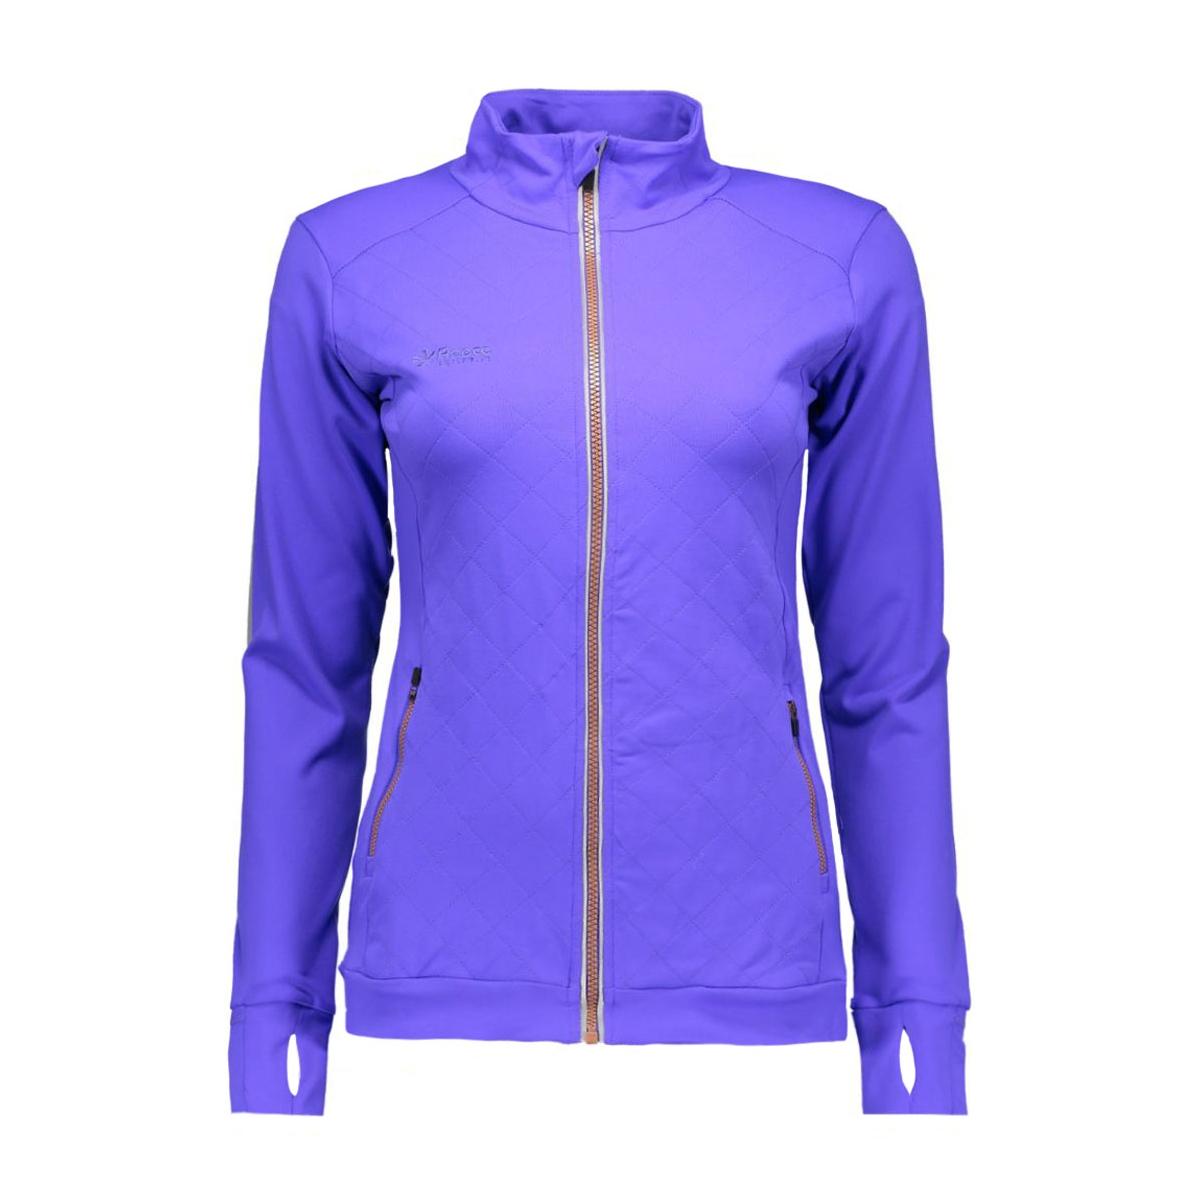 856605 phoenix jacket reece sport jas 0400 purple